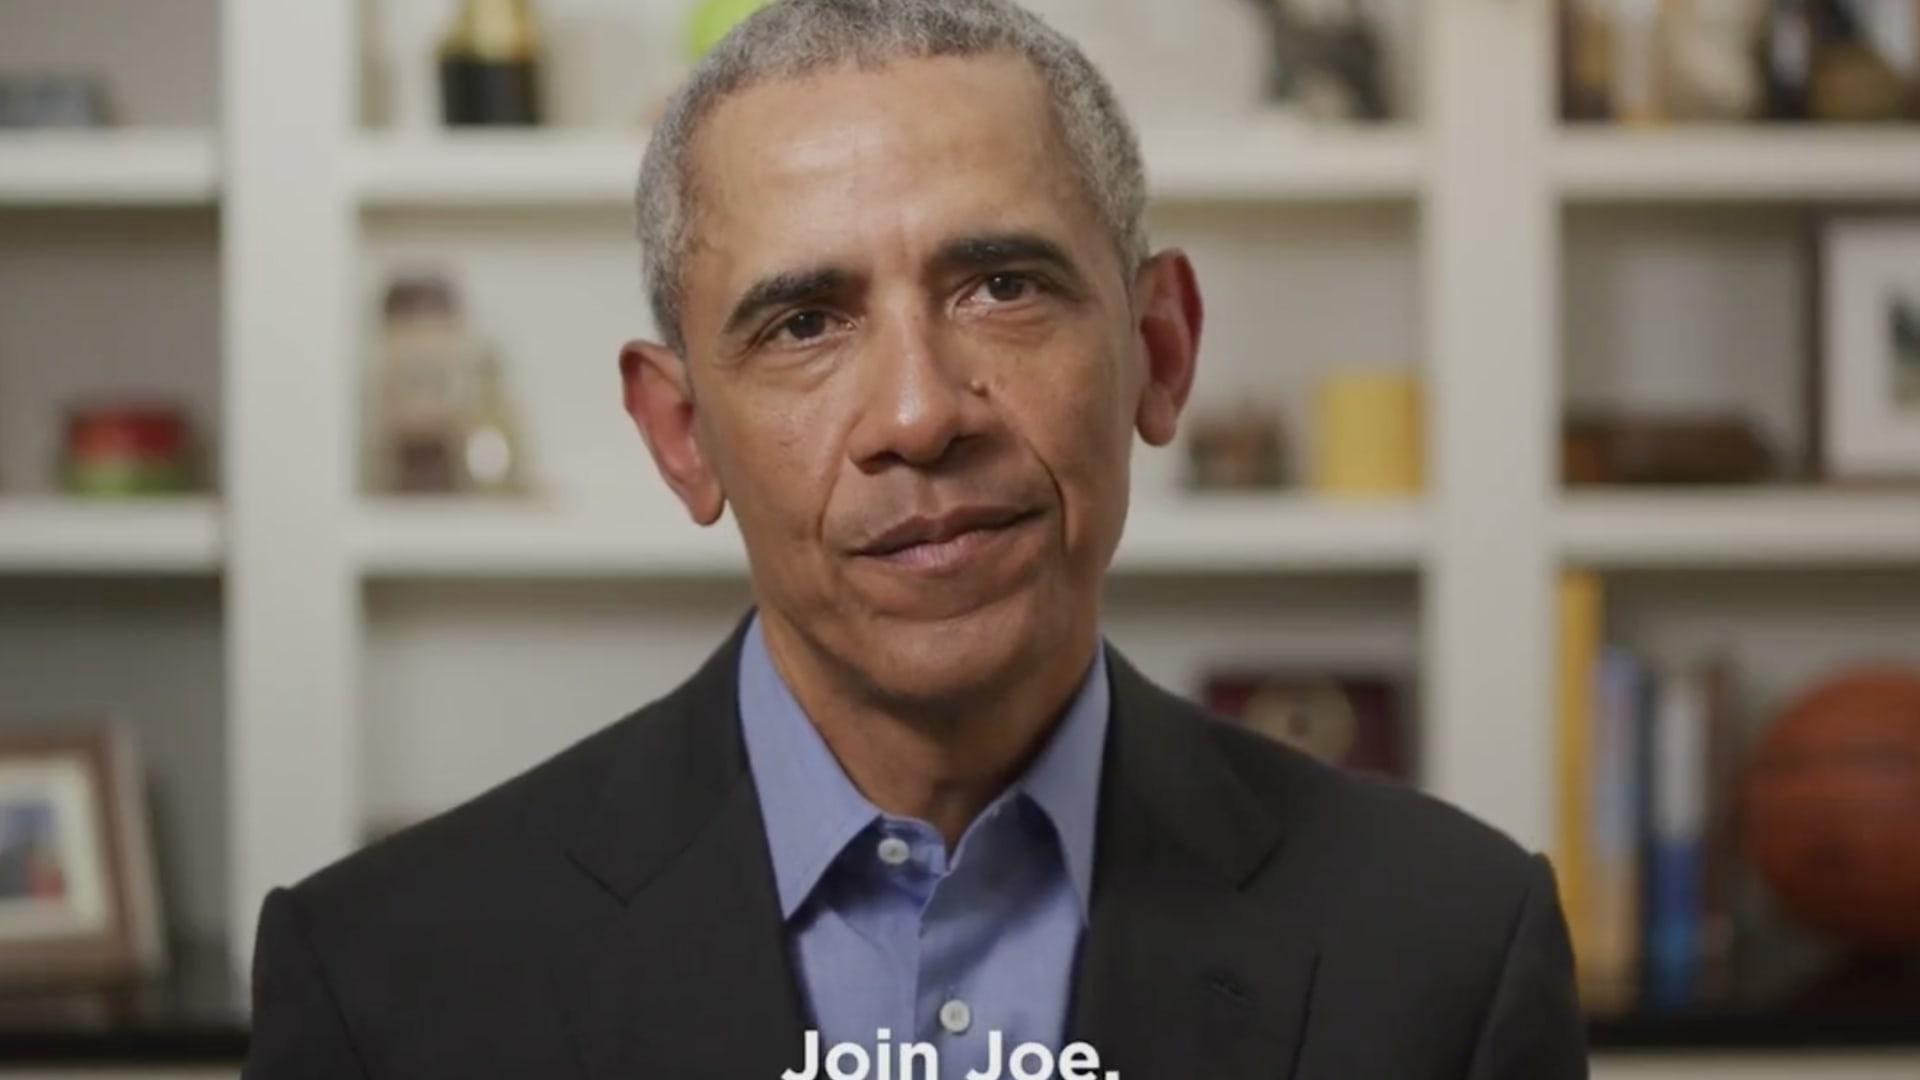 جو بايدن يتعهد باختيار سيدة نائبًا له إذا تم انتخابه رئيساً لأمريكا